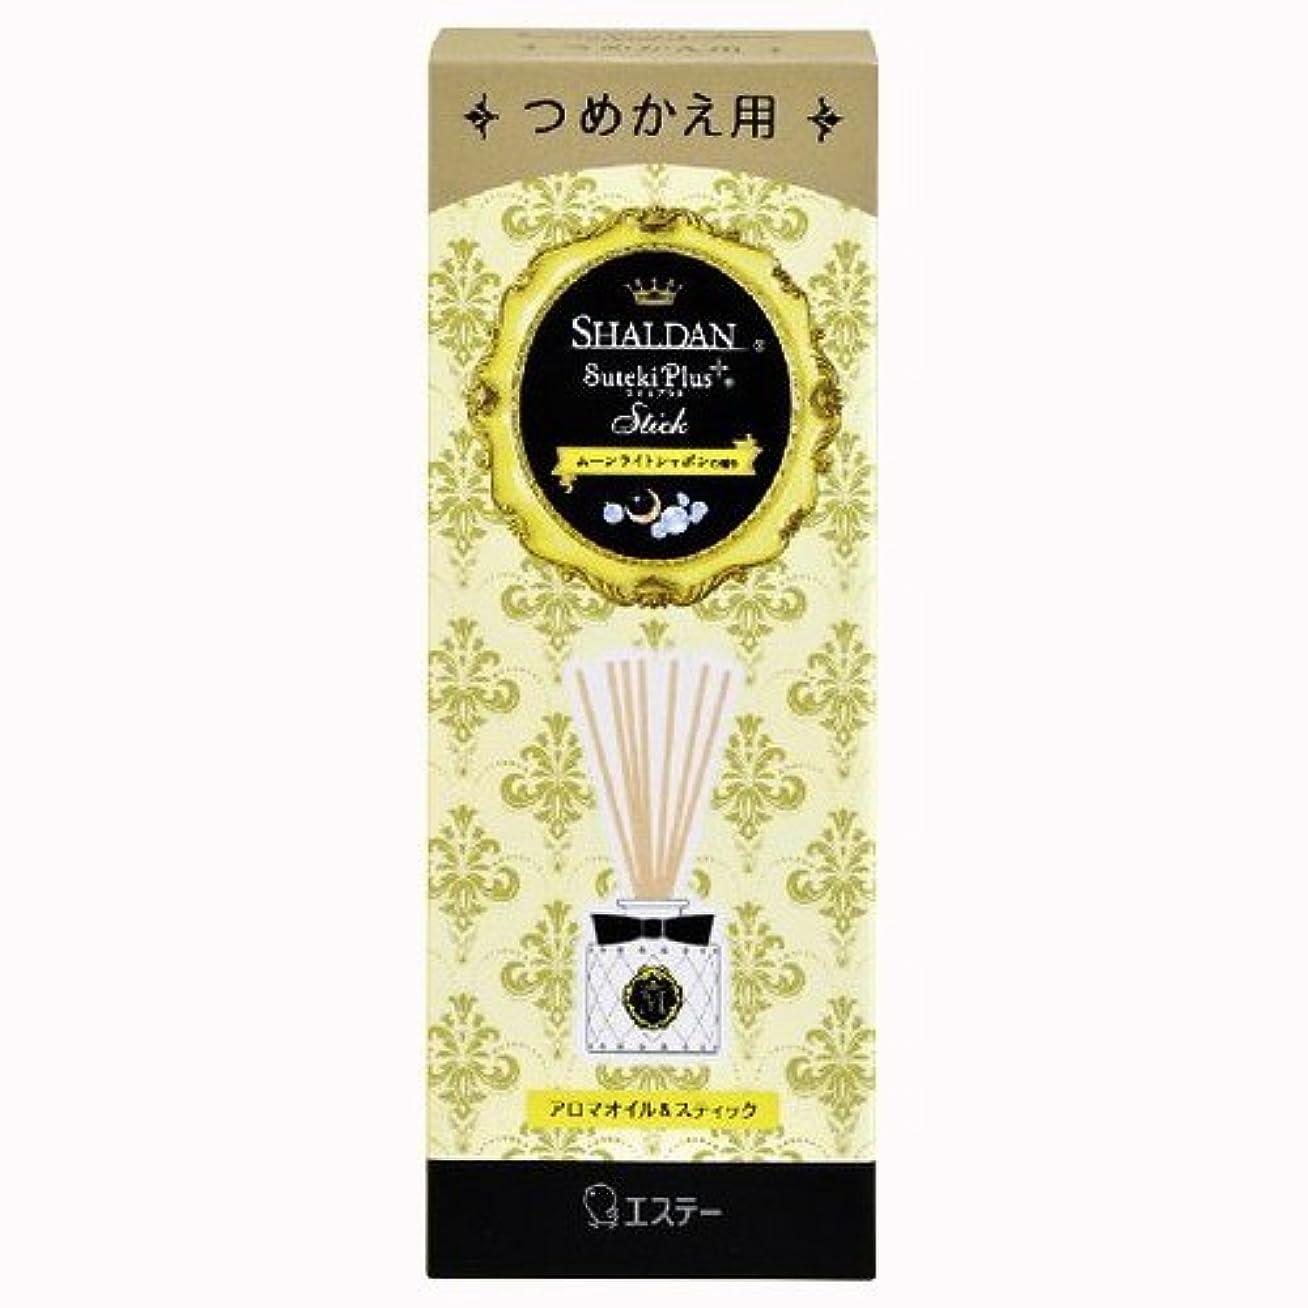 黒板ダルセットストリップSHALDAN(シャルダン) ステキプラス Stick つめかえ ムーンライトシャボンの香り × 3個セット